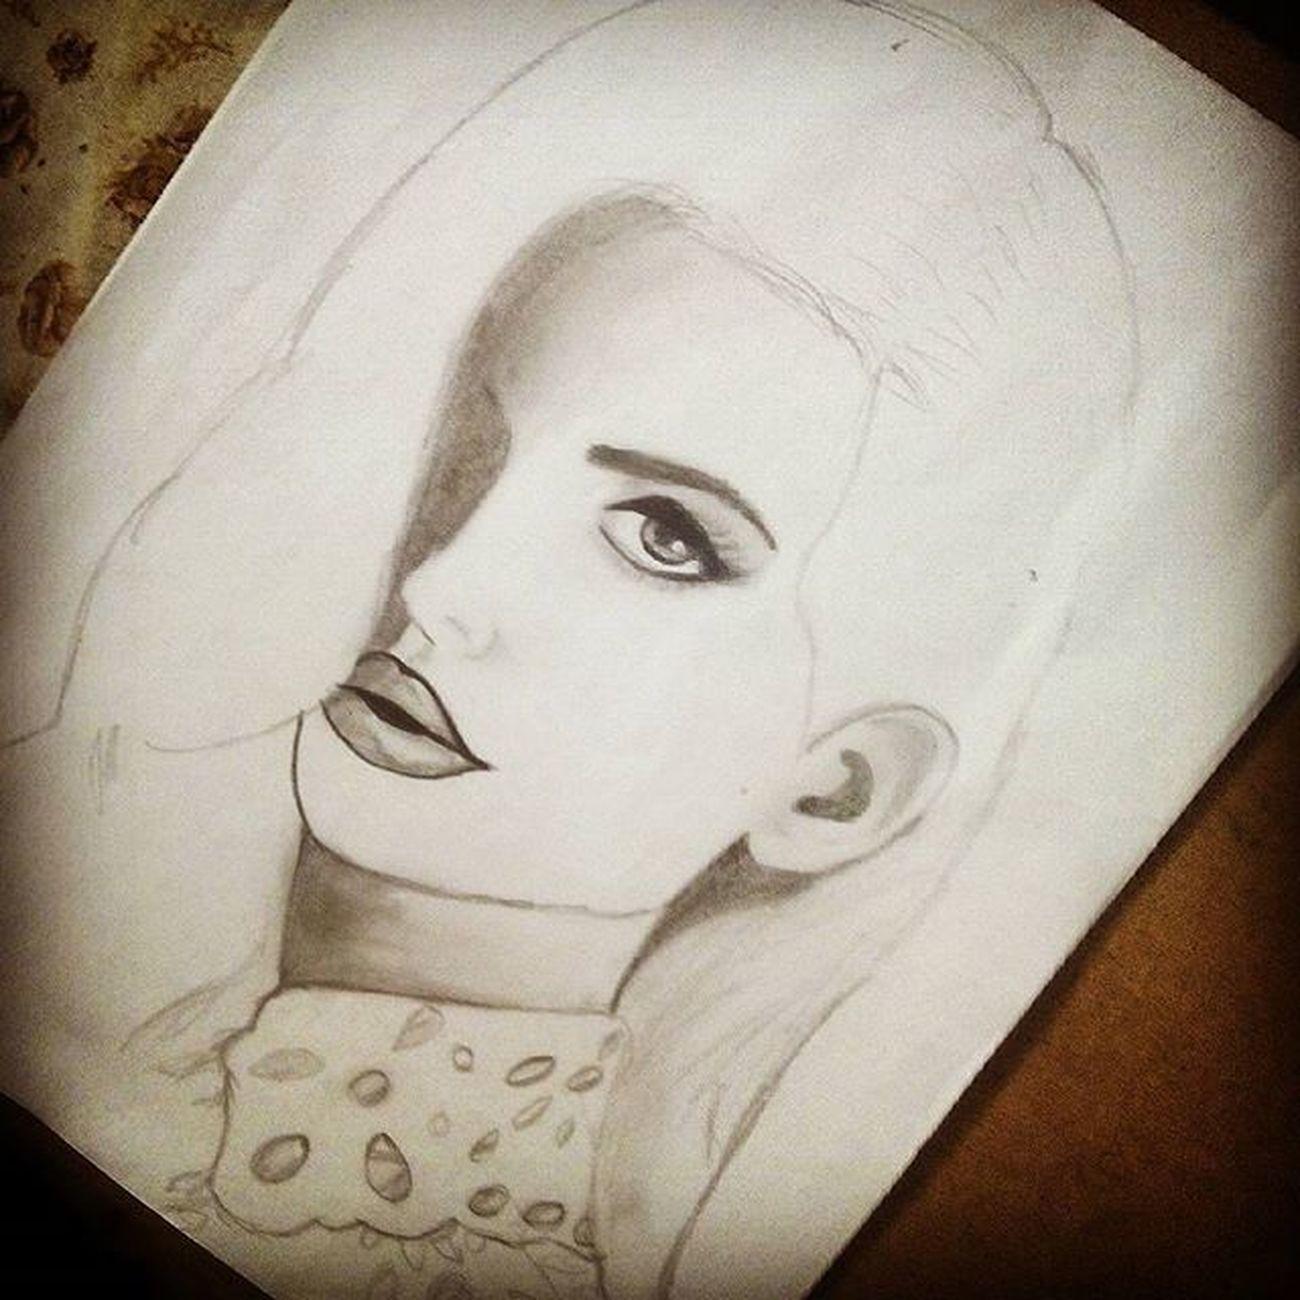 Hay ba quedando :) 😍😍😍😍🙍🙆🙅💁👯👯💆👌👌👌👍👍👍✌ Drawinglanadelrey